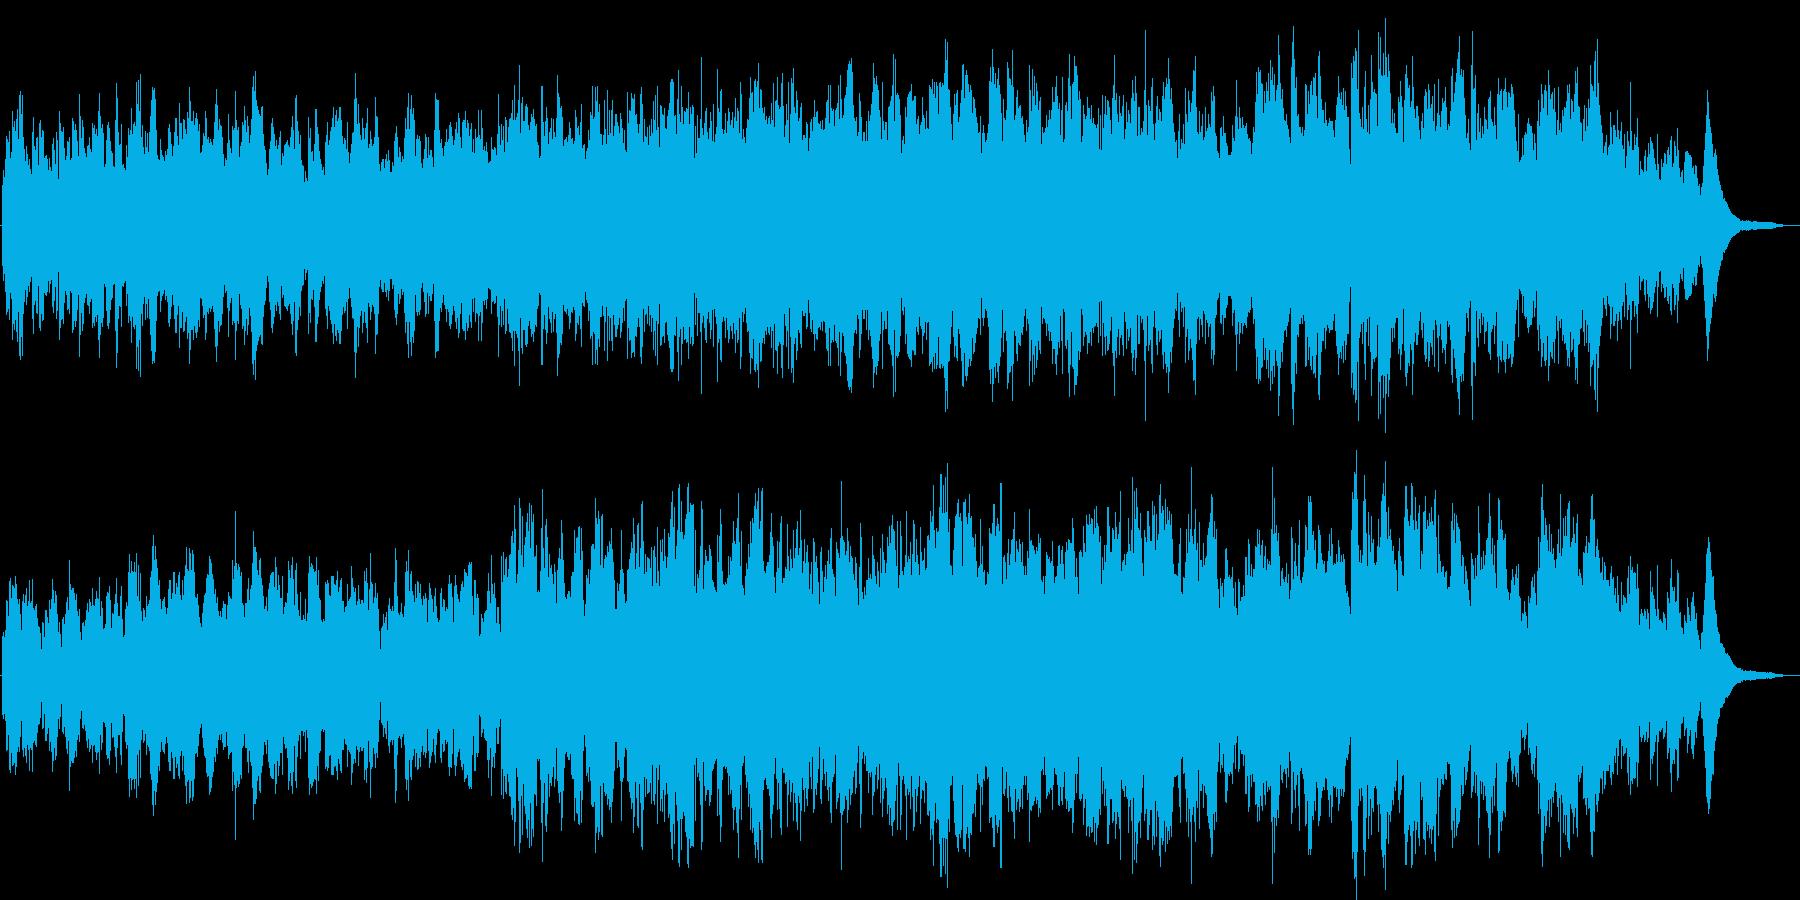 ピアノとバイオリンとチェロの神秘的な曲の再生済みの波形